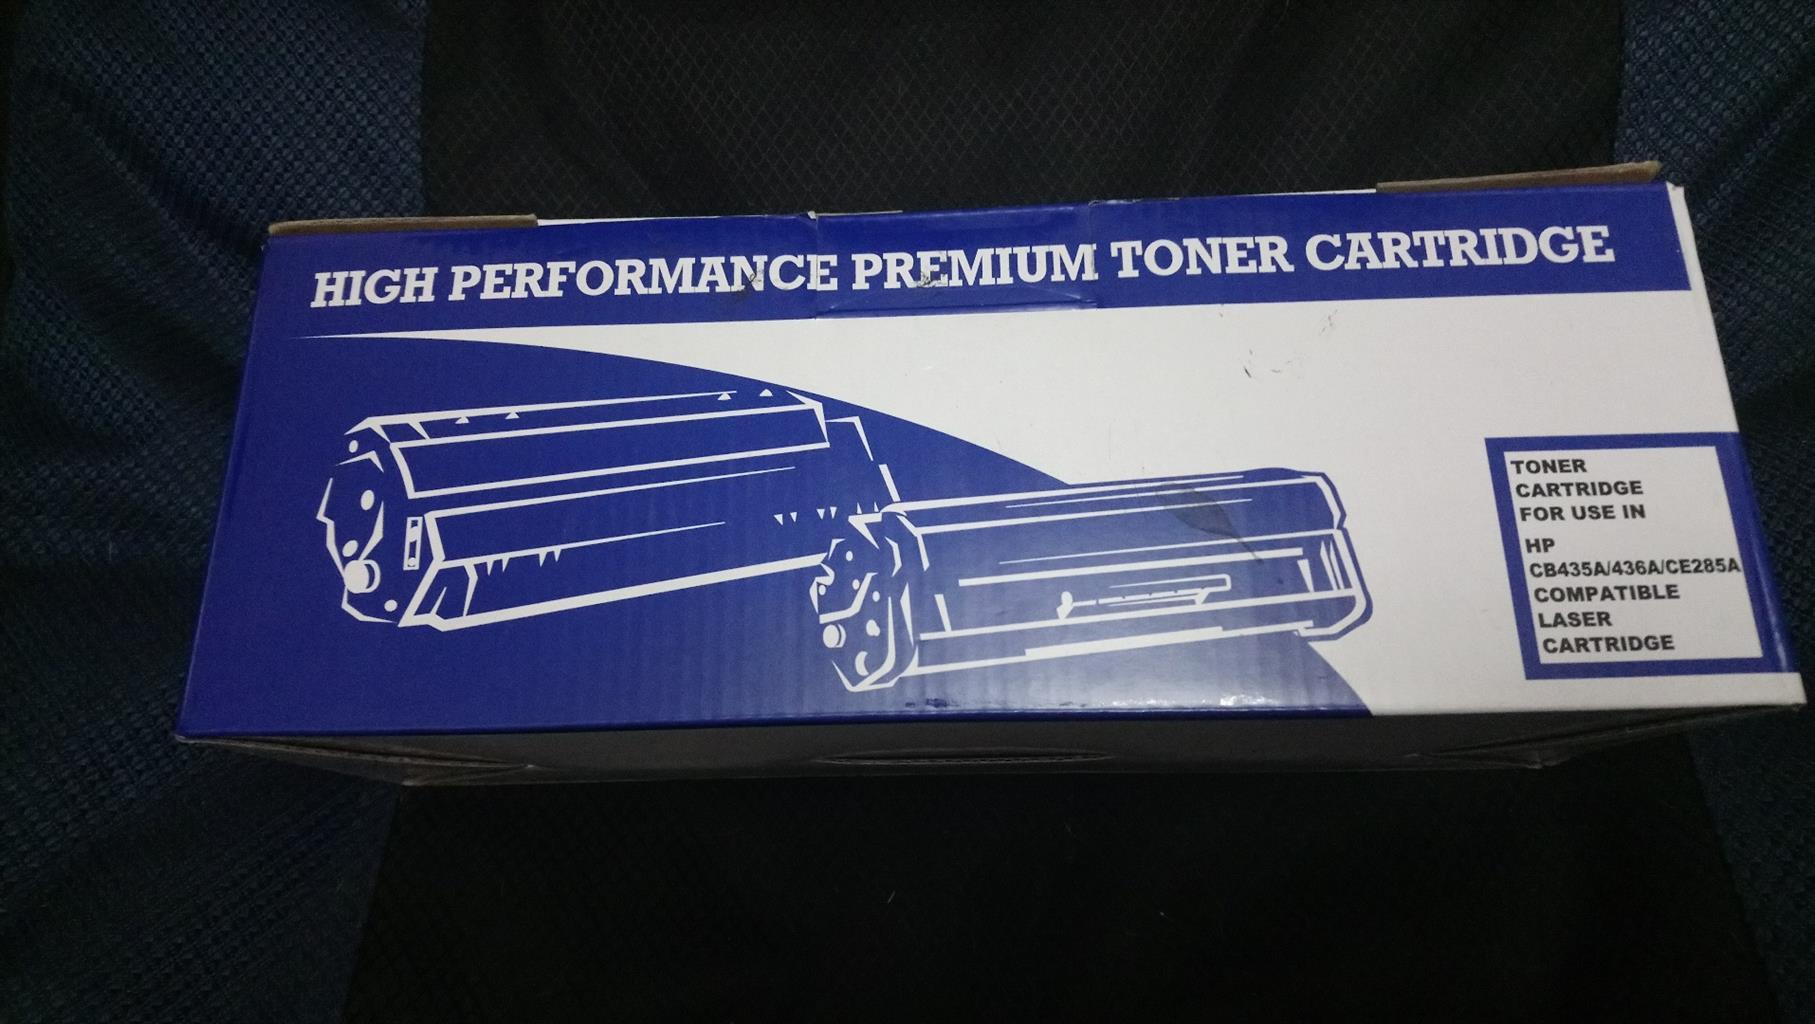 HP CE285a ink Cartridge Generic